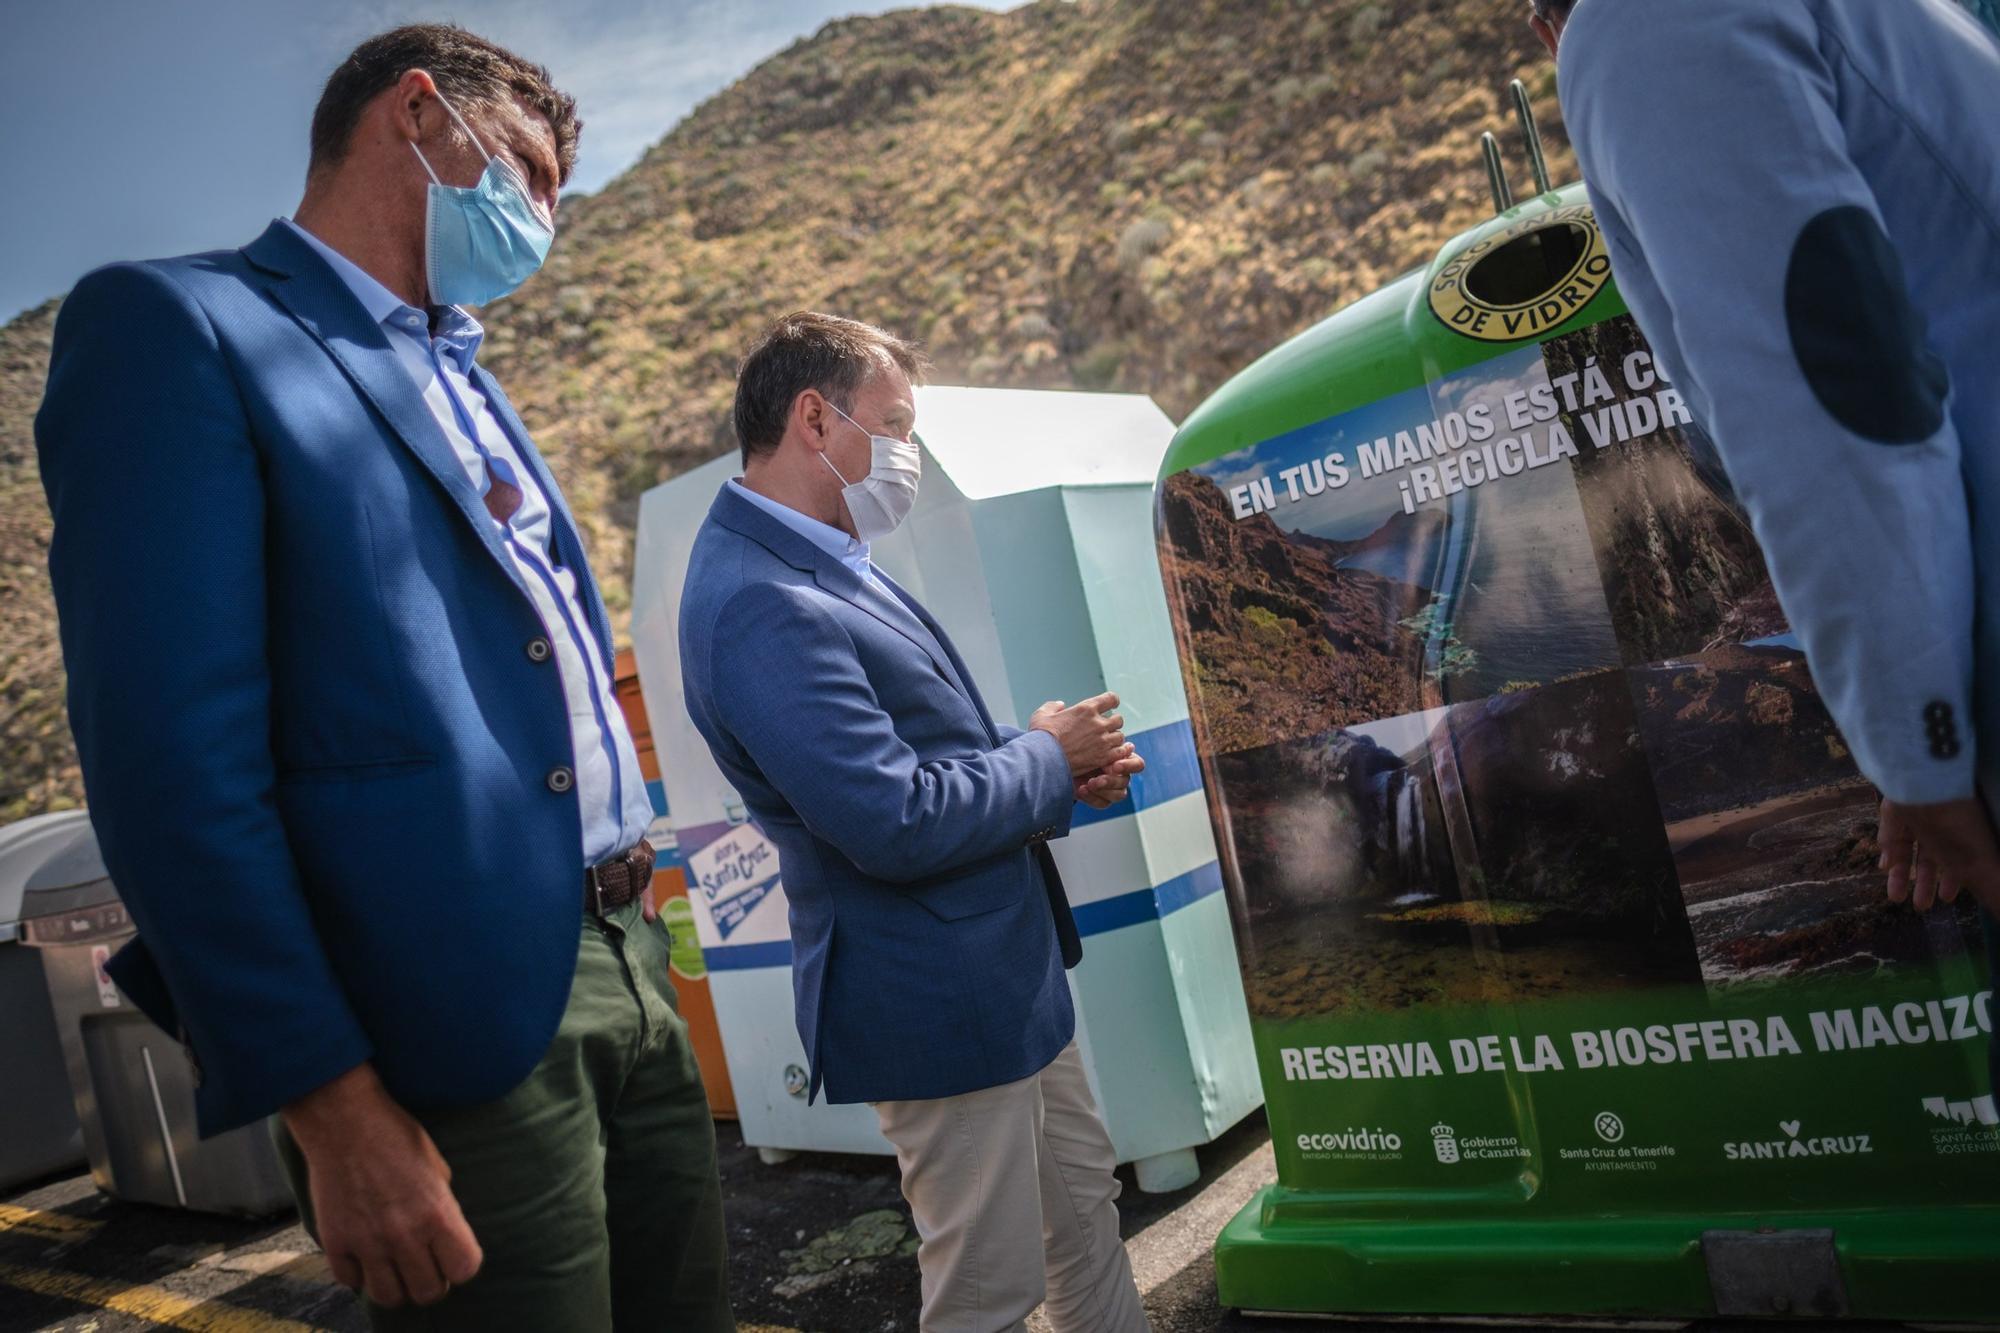 Presentación campaña de reciclaje de Santa Cruz de Tenerife